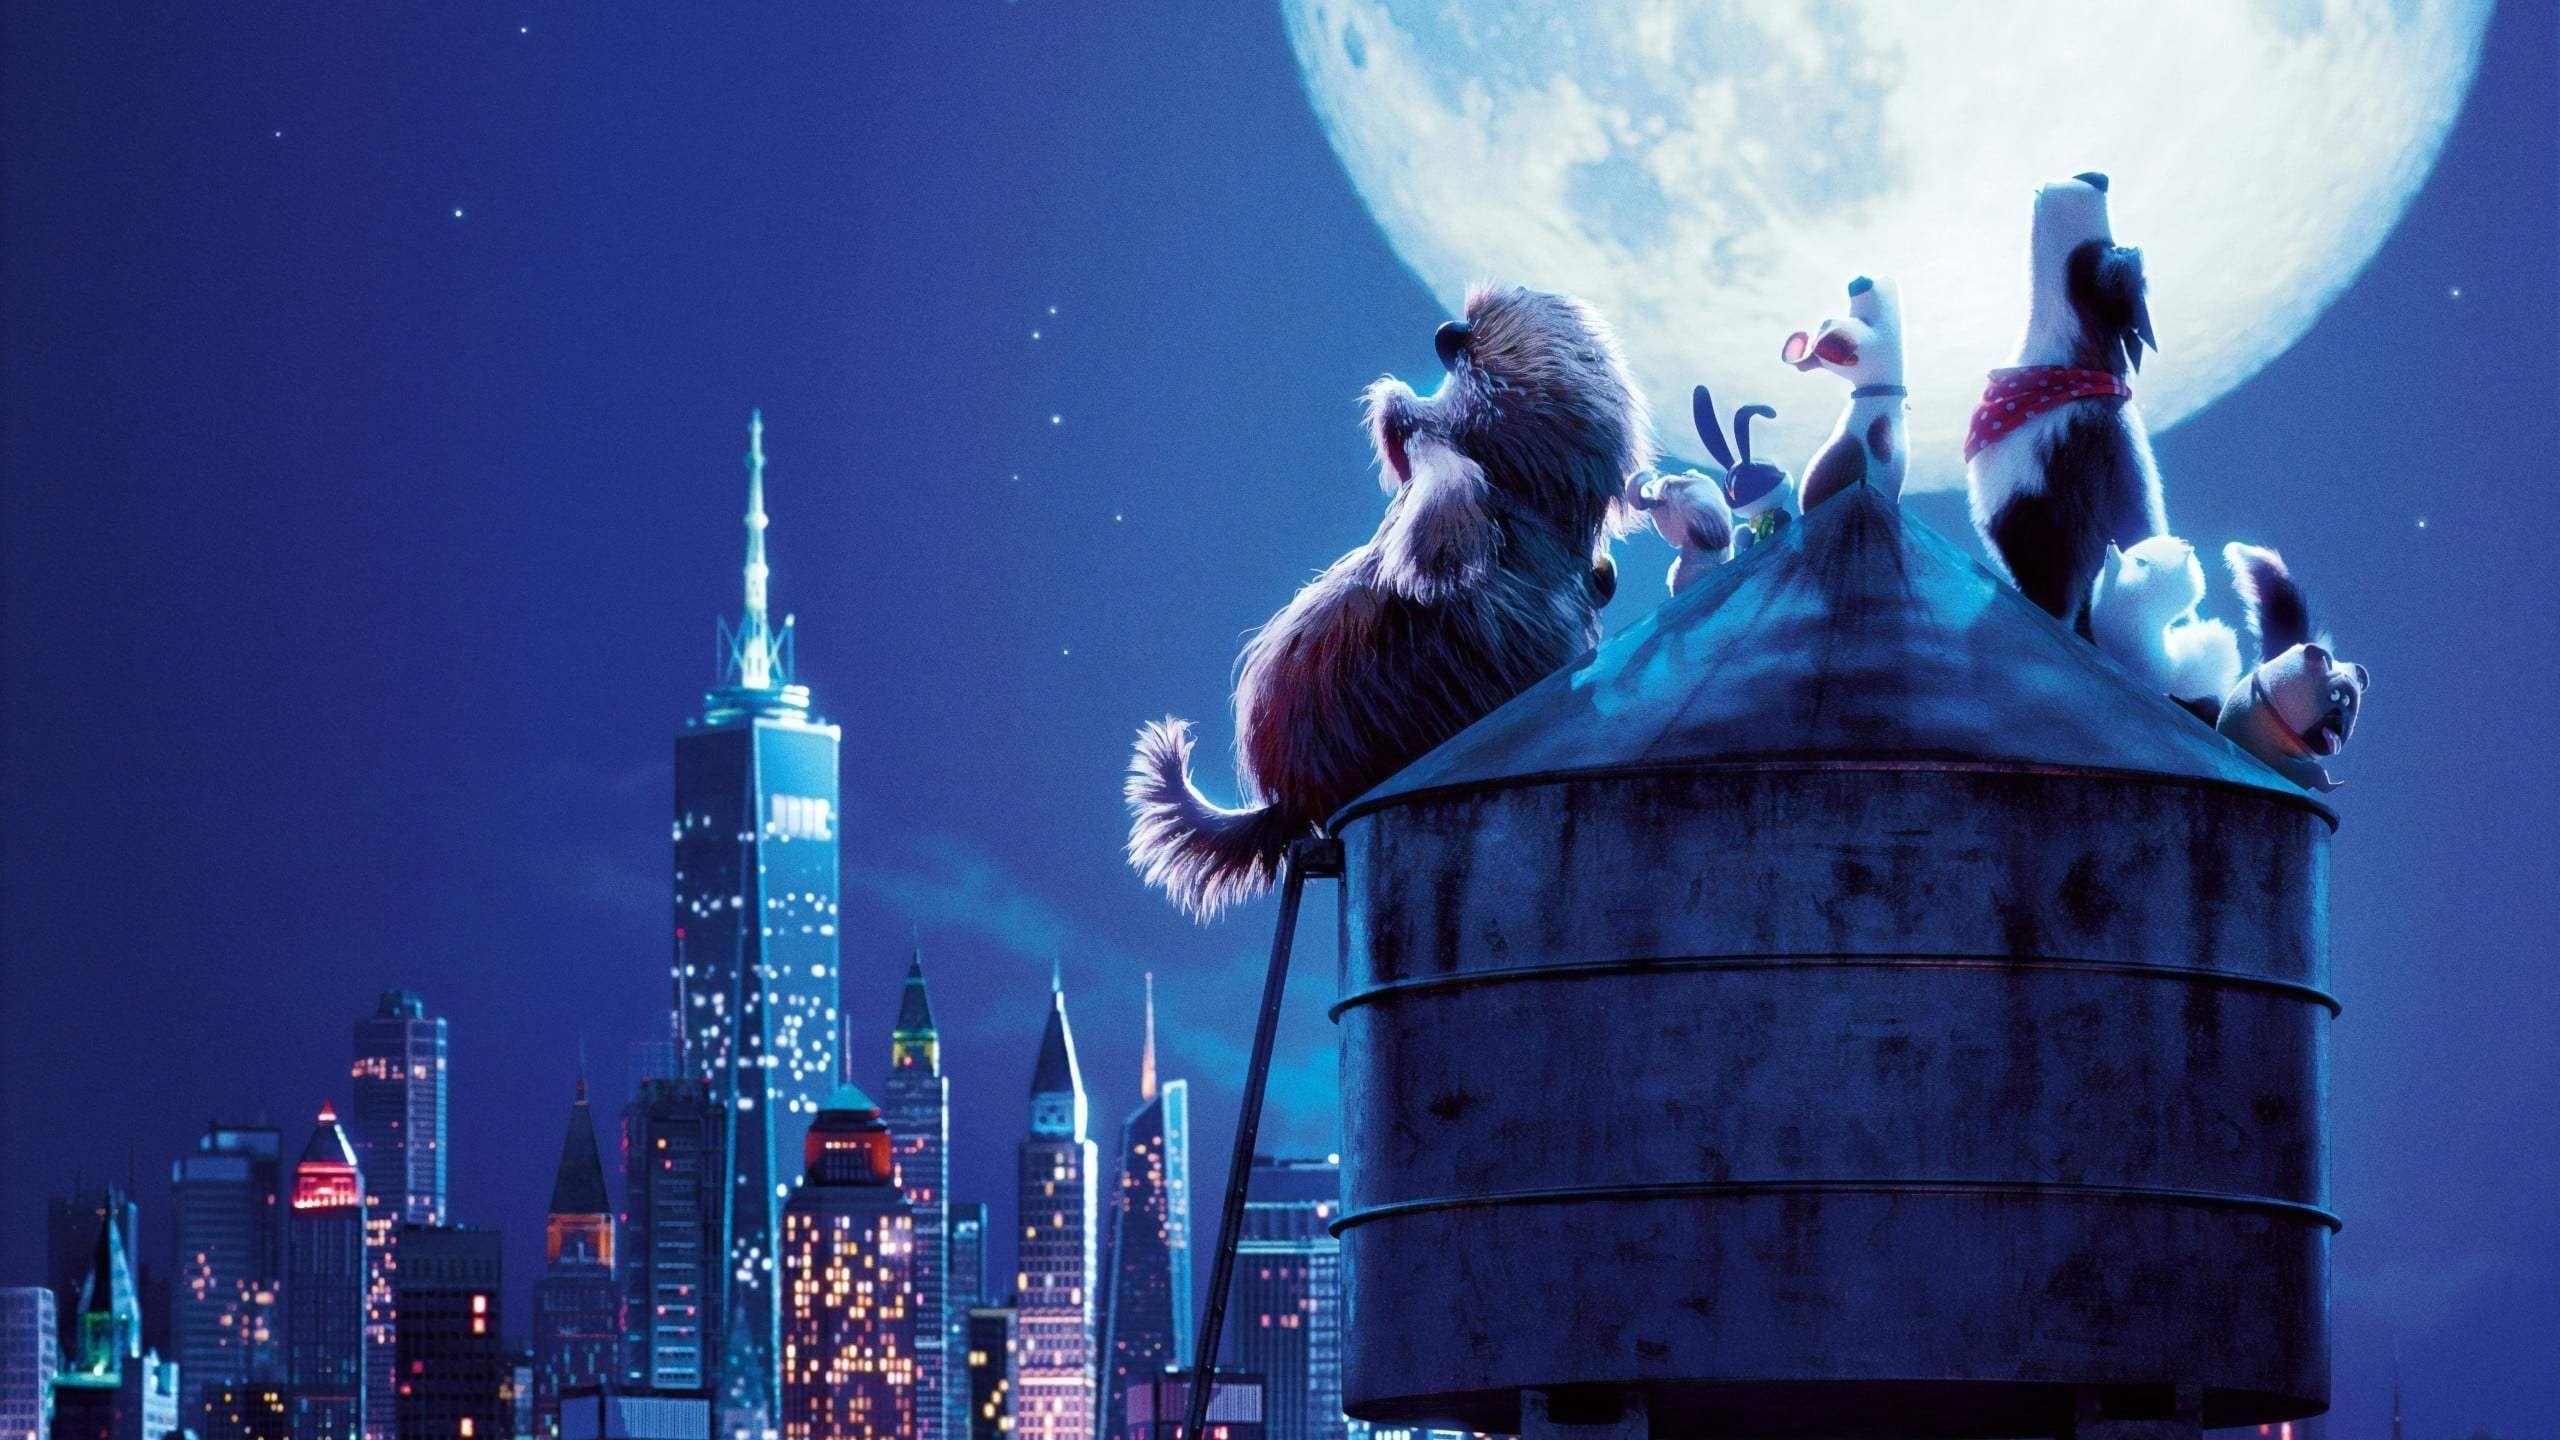 Regarder Comme Des Betes 2 Streaming Vf Film Complet En Francais Film Streaming Gratuit Fantasy Les Mutants Sont Les Plus Dangereux Pour Eux Mem Film Keluarga